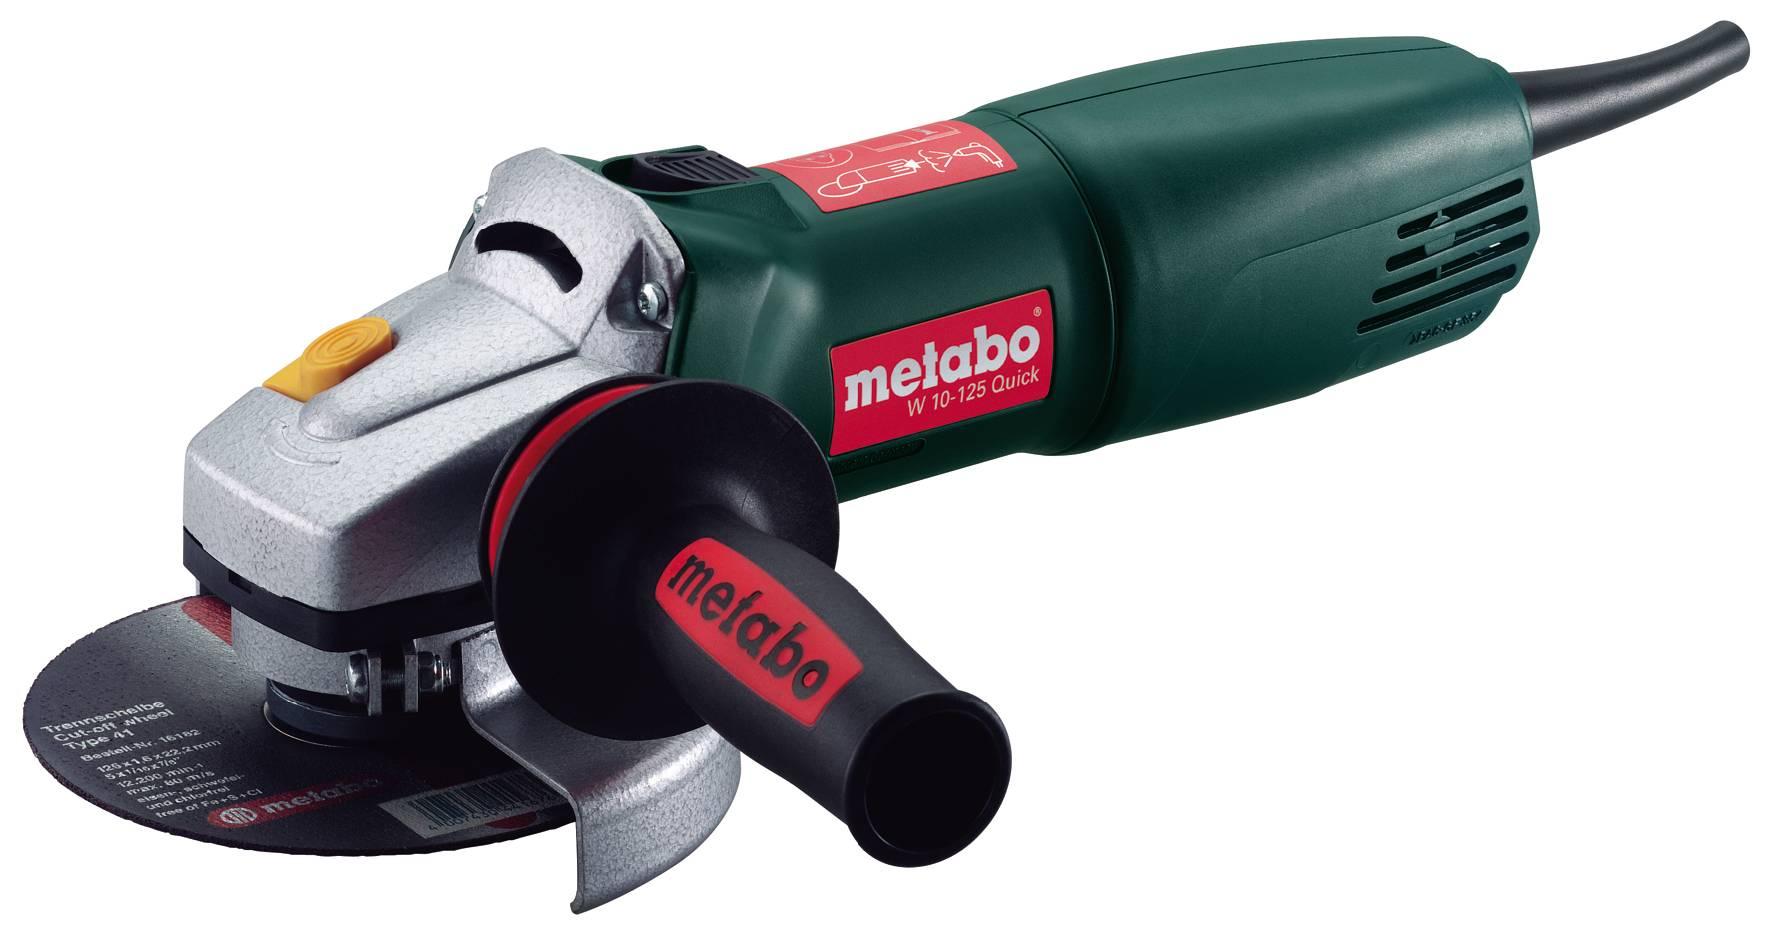 УШМ 150мм Metabo W12-150Quick 1250вт,3.8Нм (болгарка)